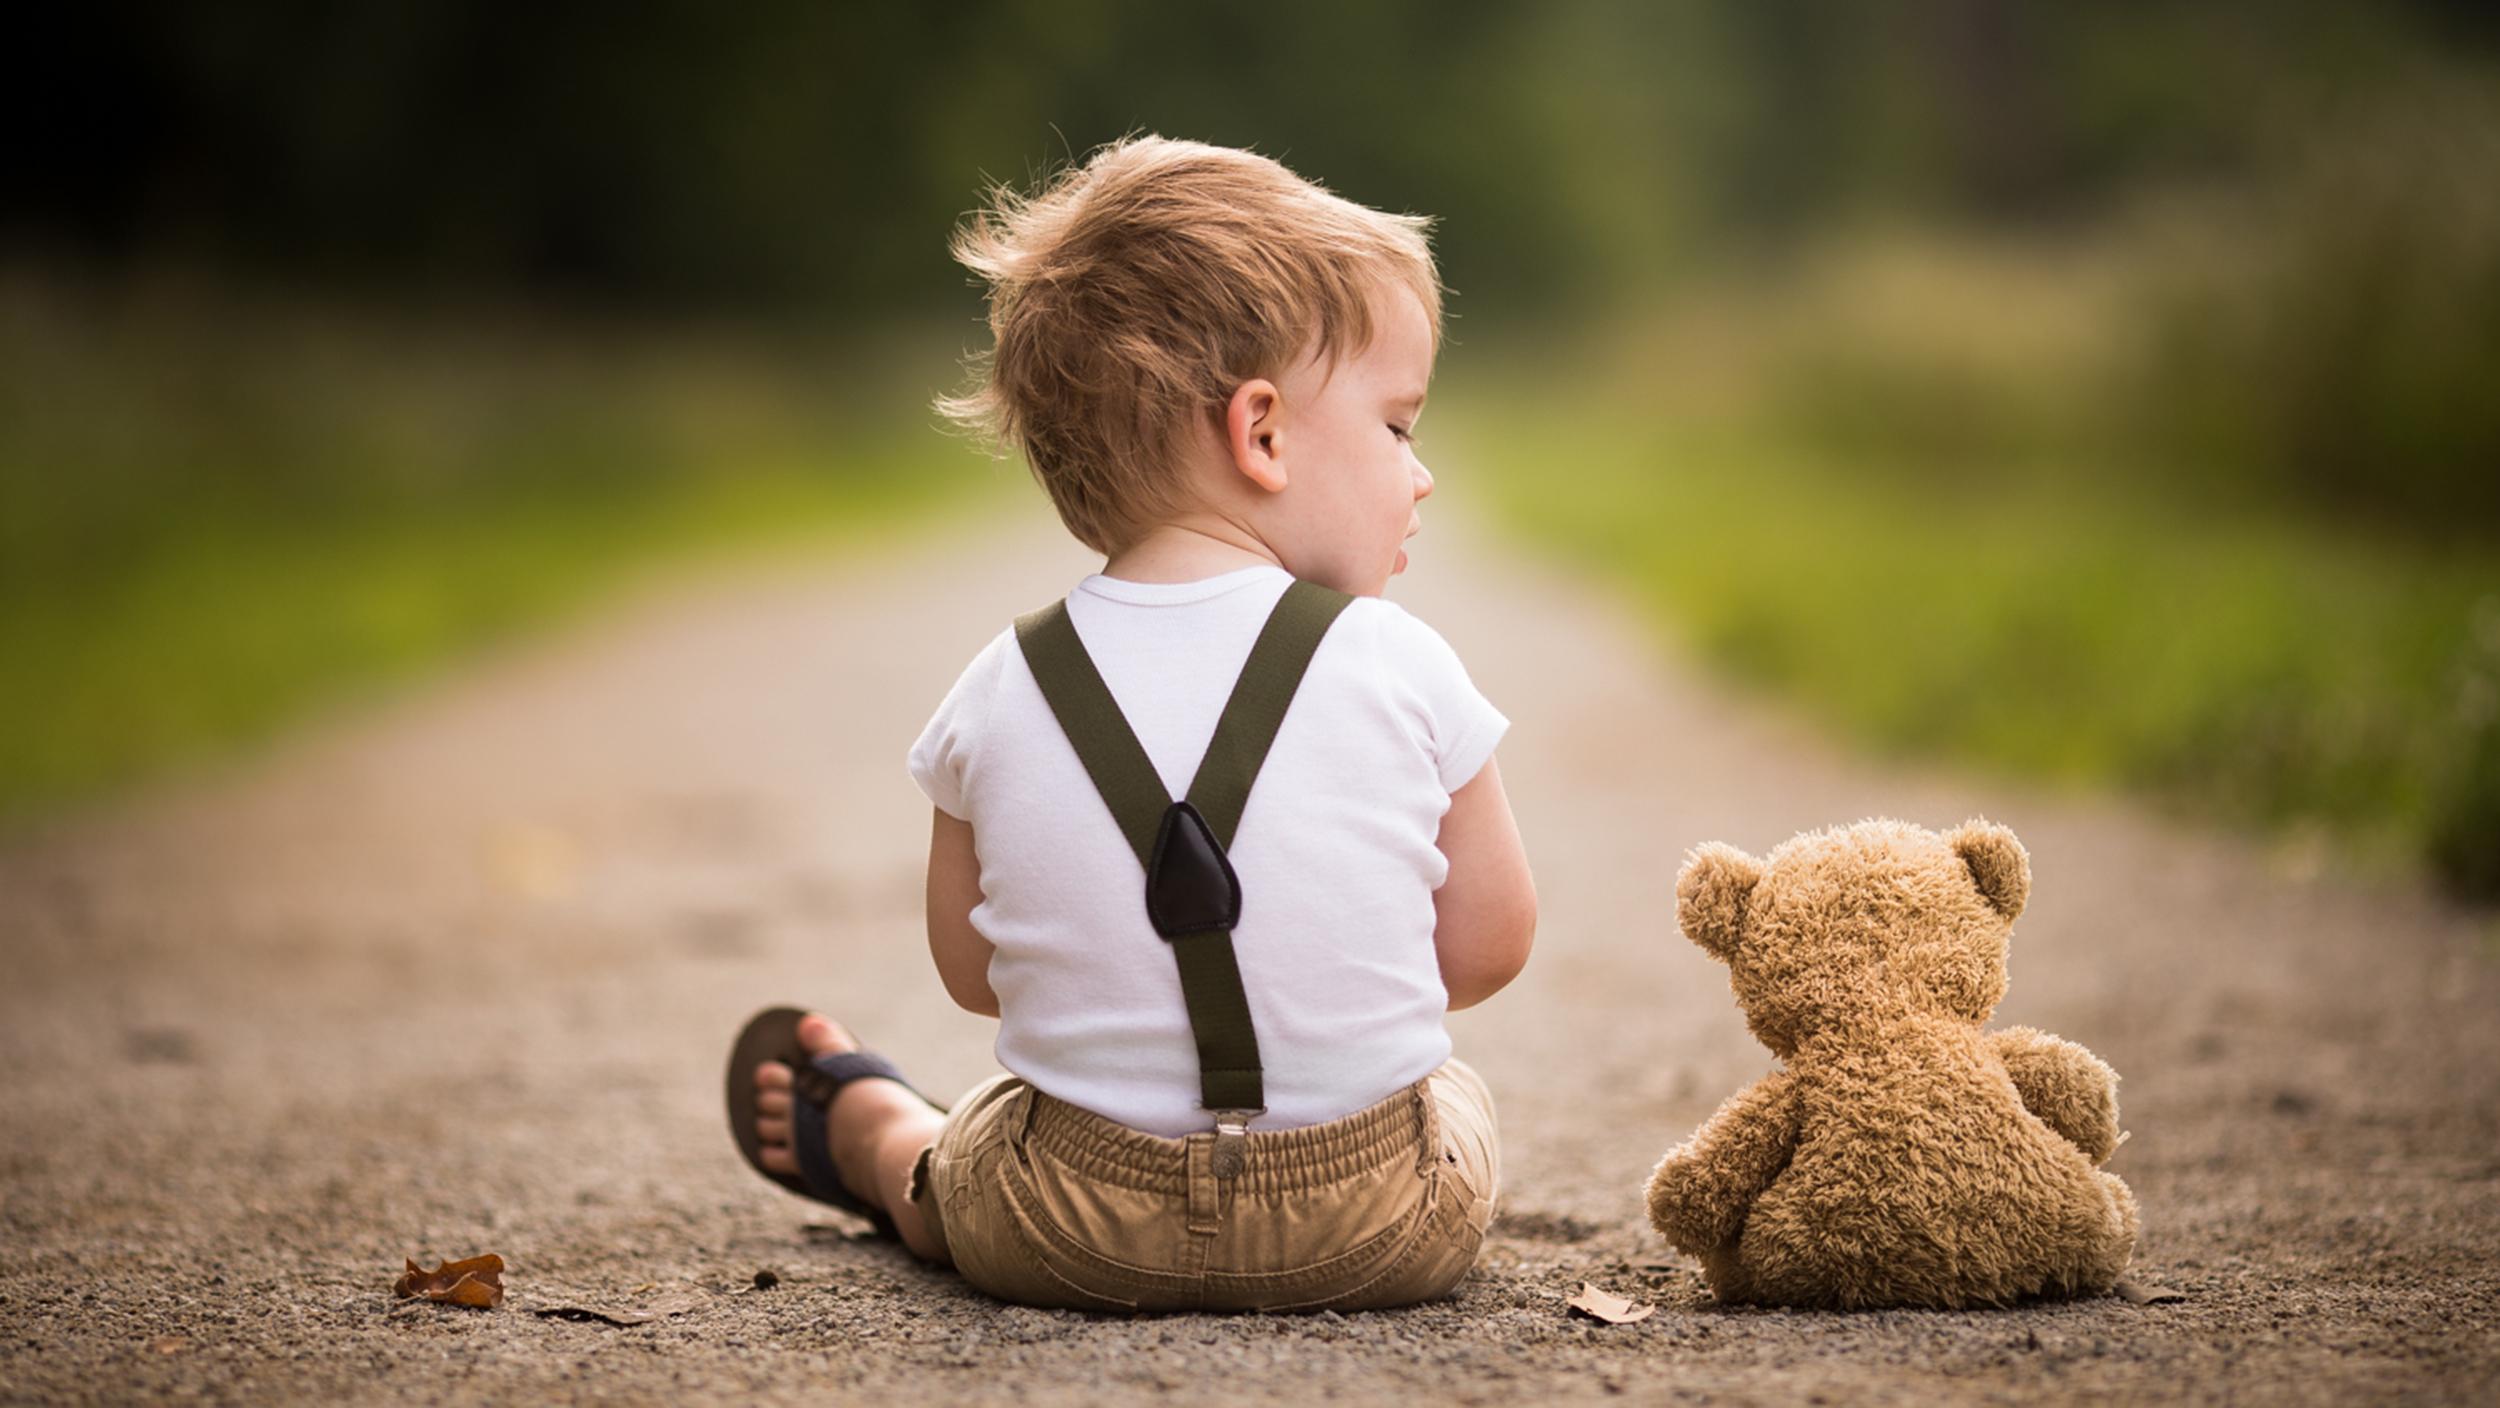 Bilder von Junge Kinder Weg Zwei Teddy Hinten Sitzend 2500x1408 2 Teddybär Knuddelbär